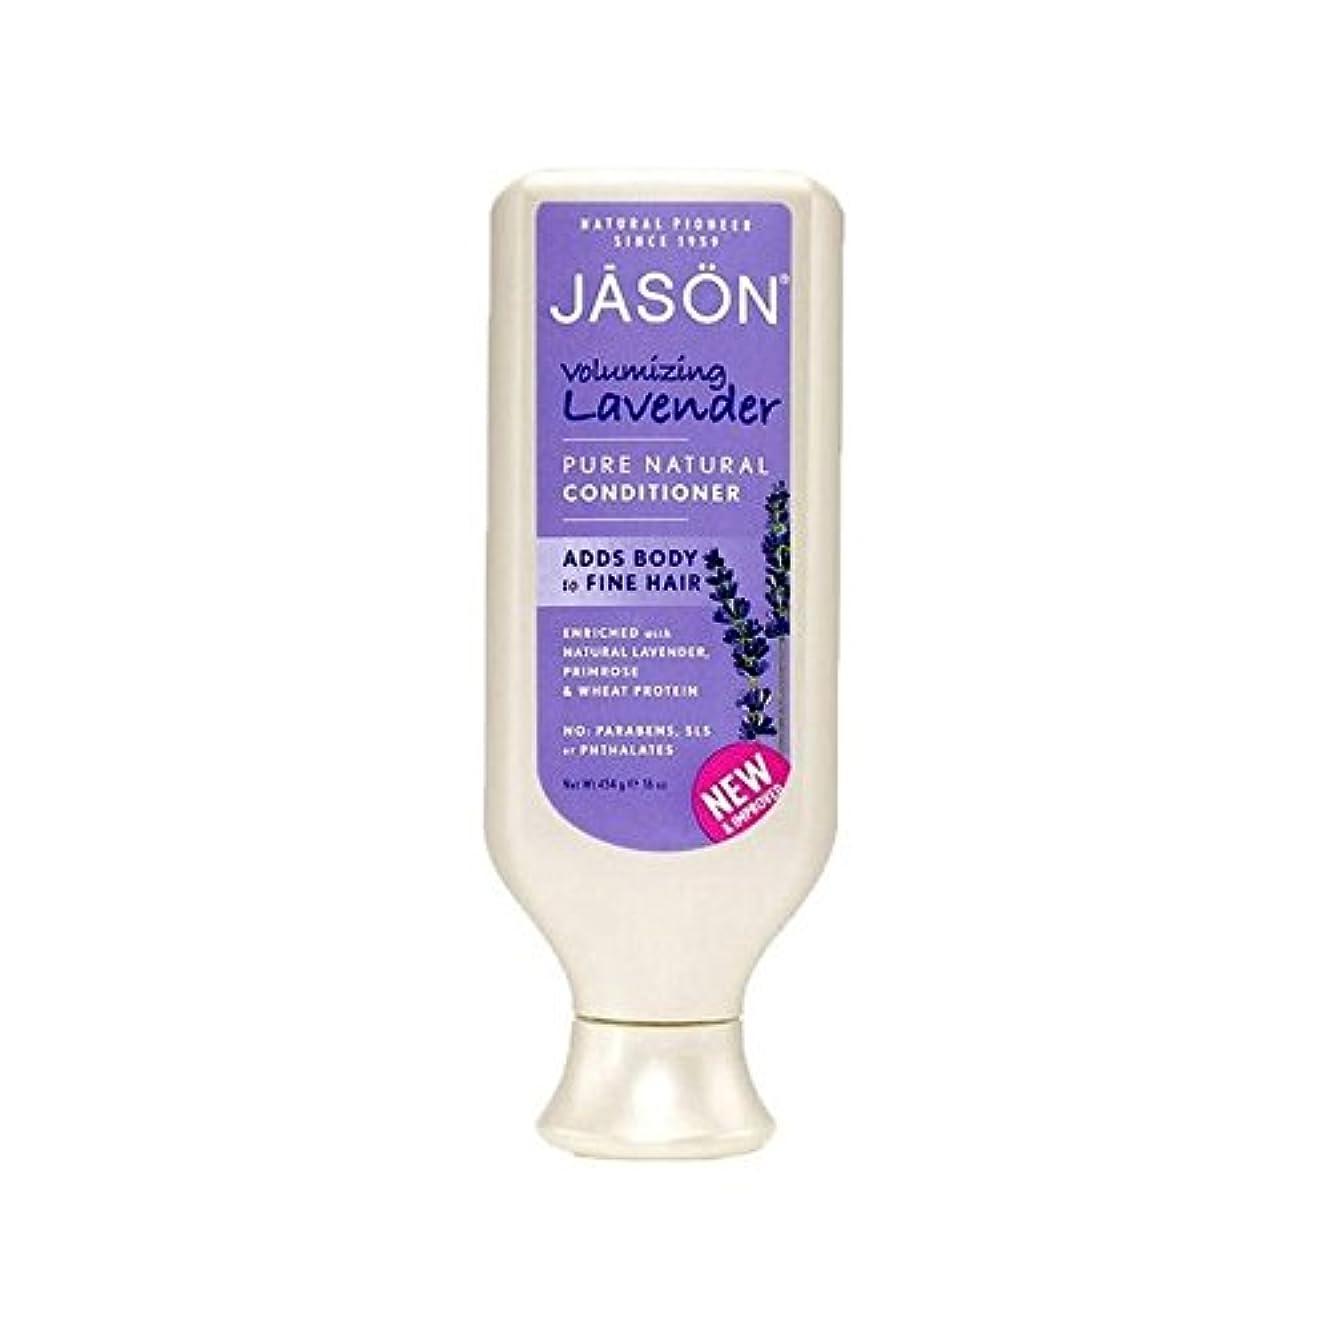 ミッション思われる苛性ジェイソン自然ラベンダーコンディショナー(454グラム) x4 - Jason Natural Lavender Conditioner (454G) (Pack of 4) [並行輸入品]